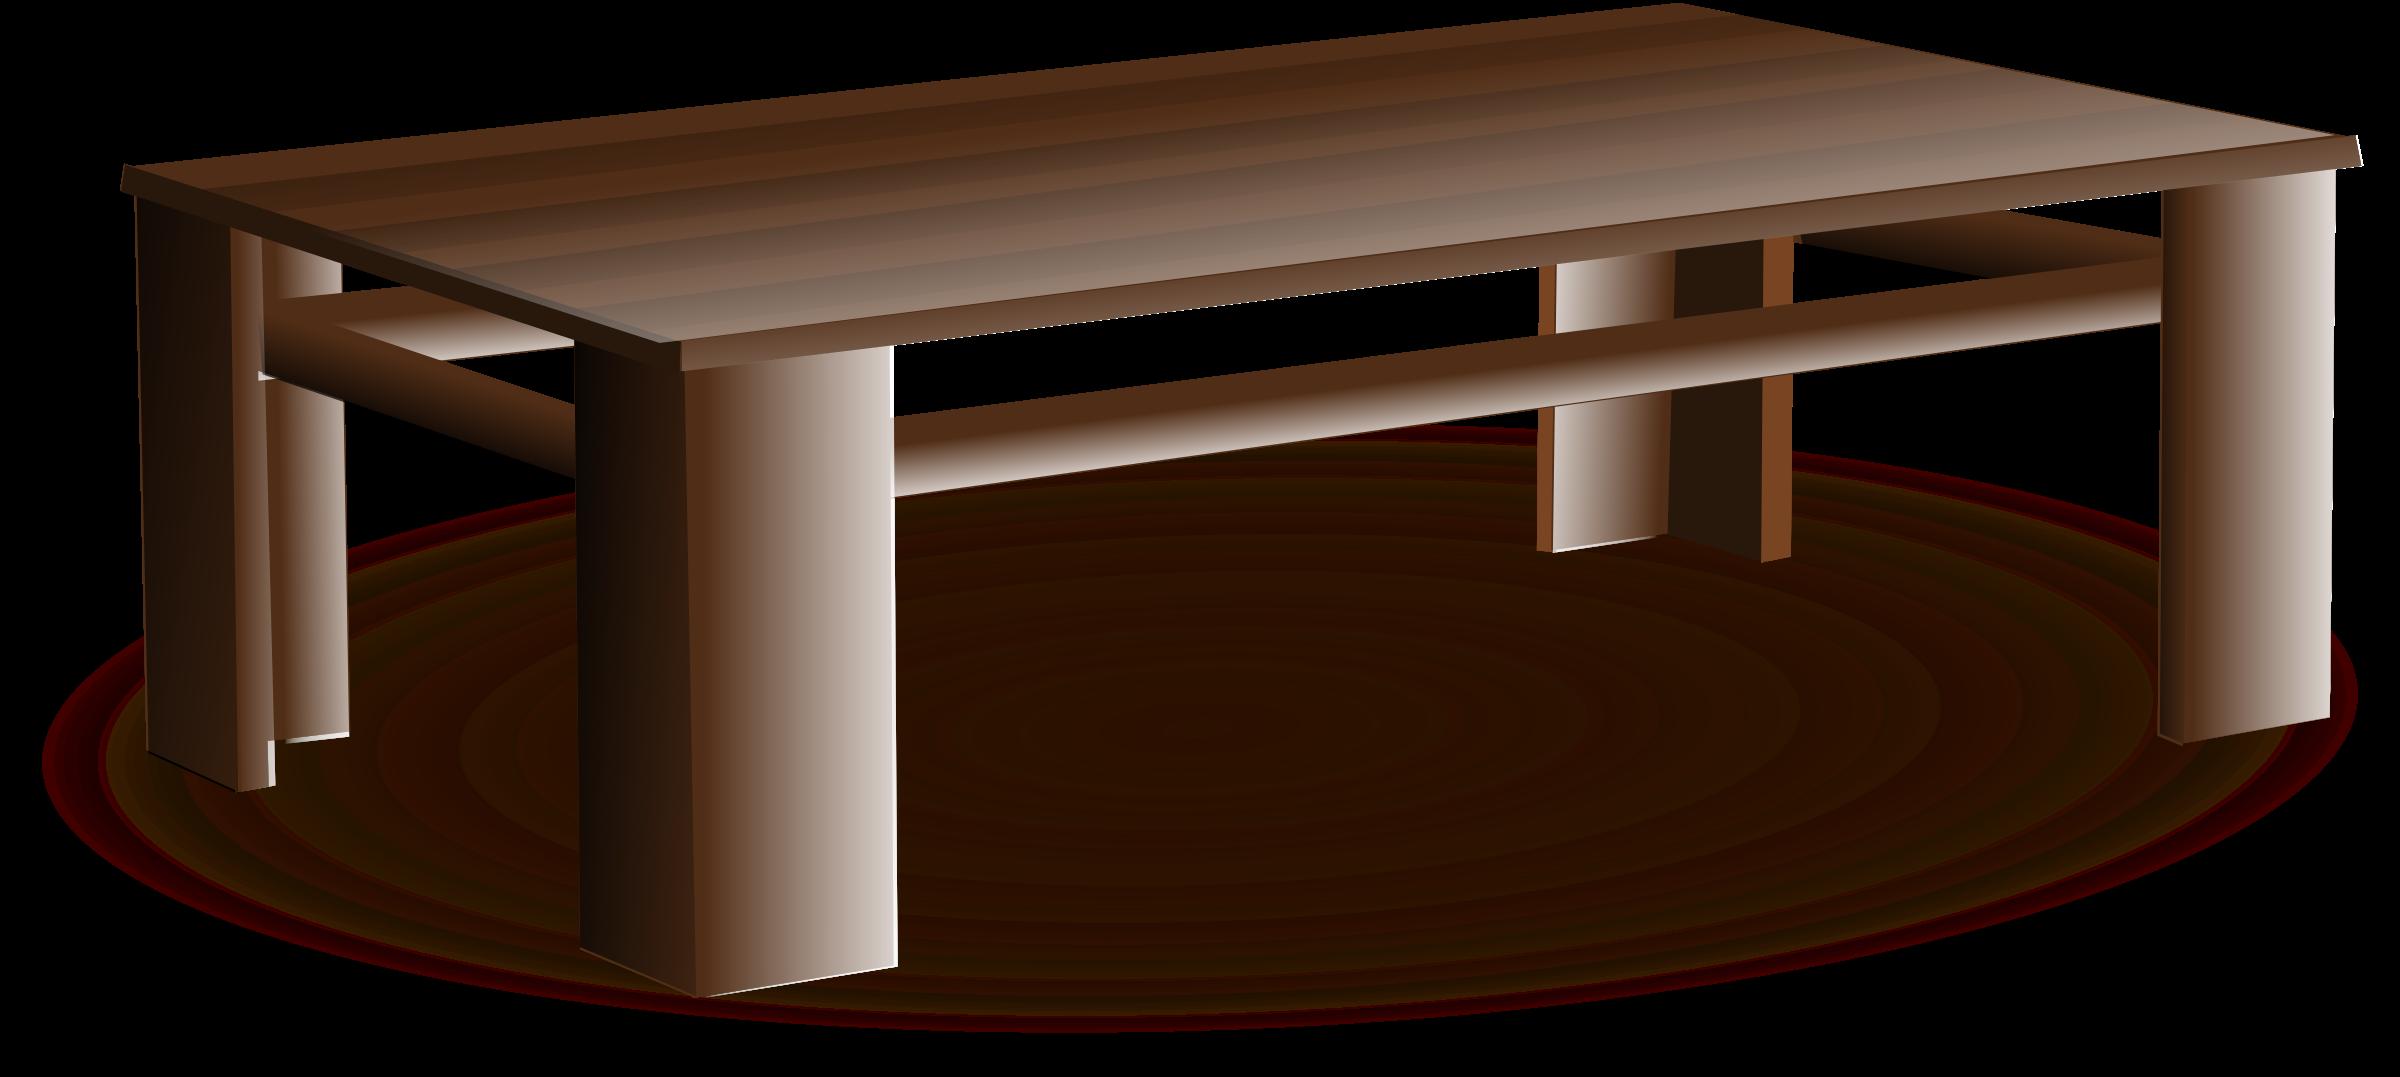 Clipart Table Small Table Clipart Table Small Table Transparent